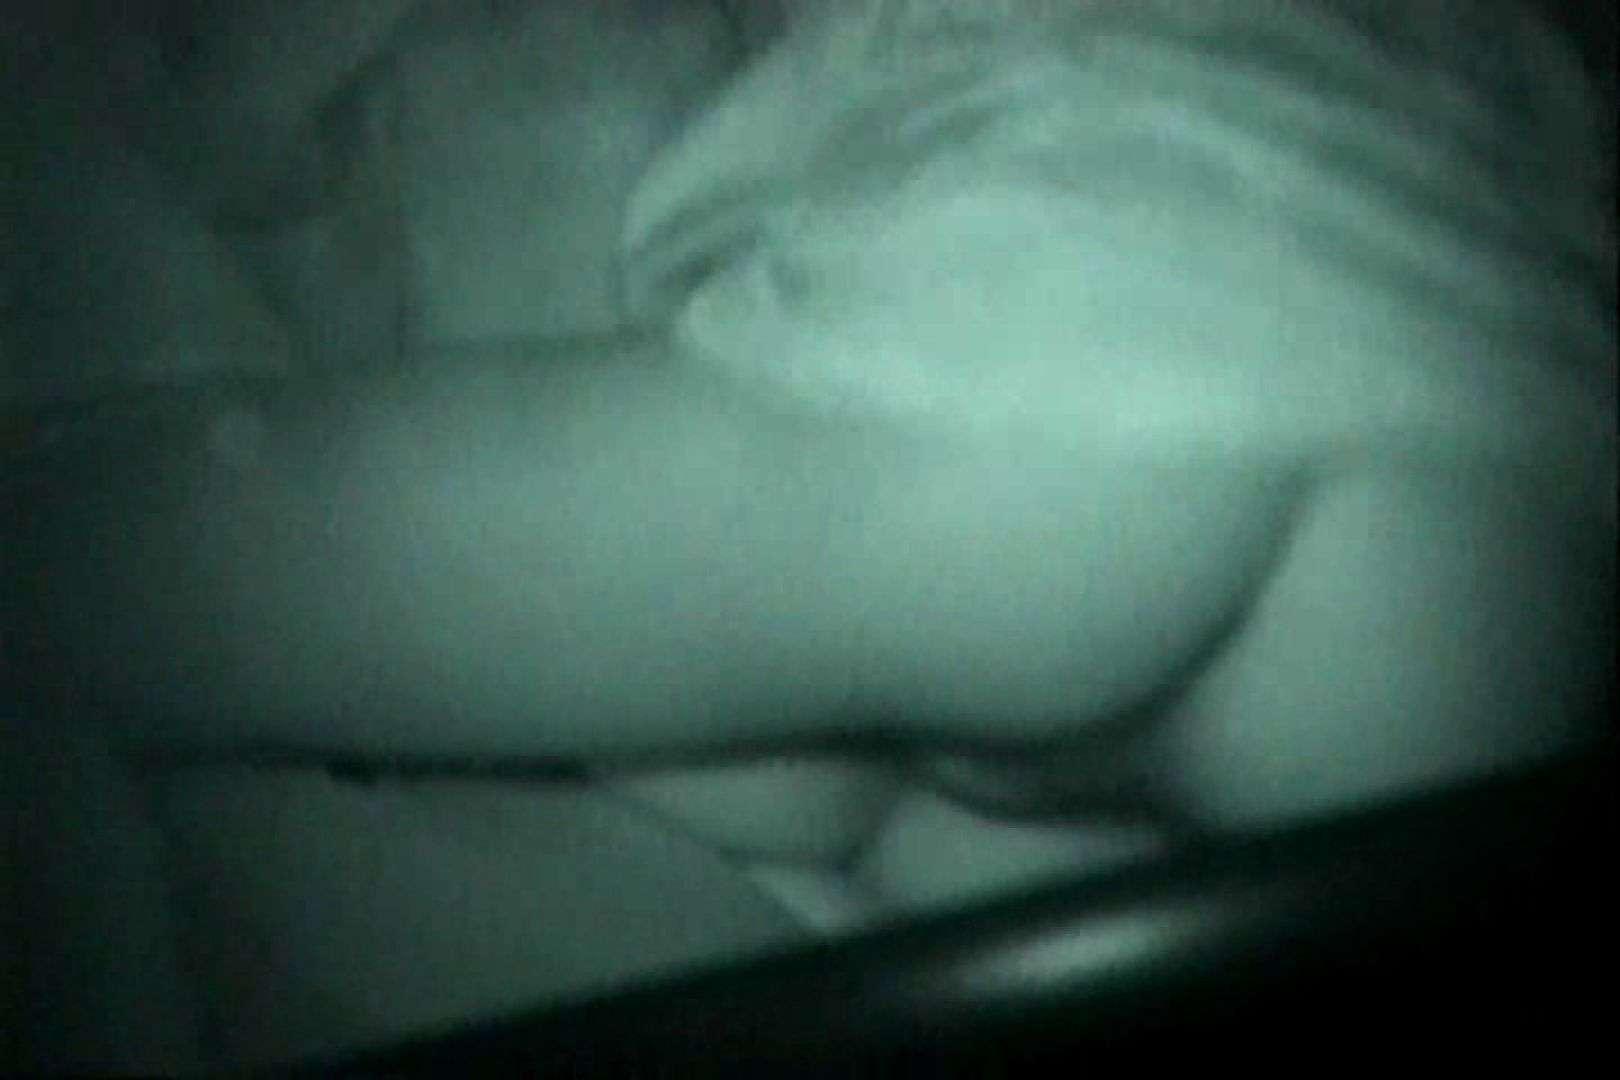 充血監督の深夜の運動会Vol.126 カーセックス | 車の中のカップル  83画像 81